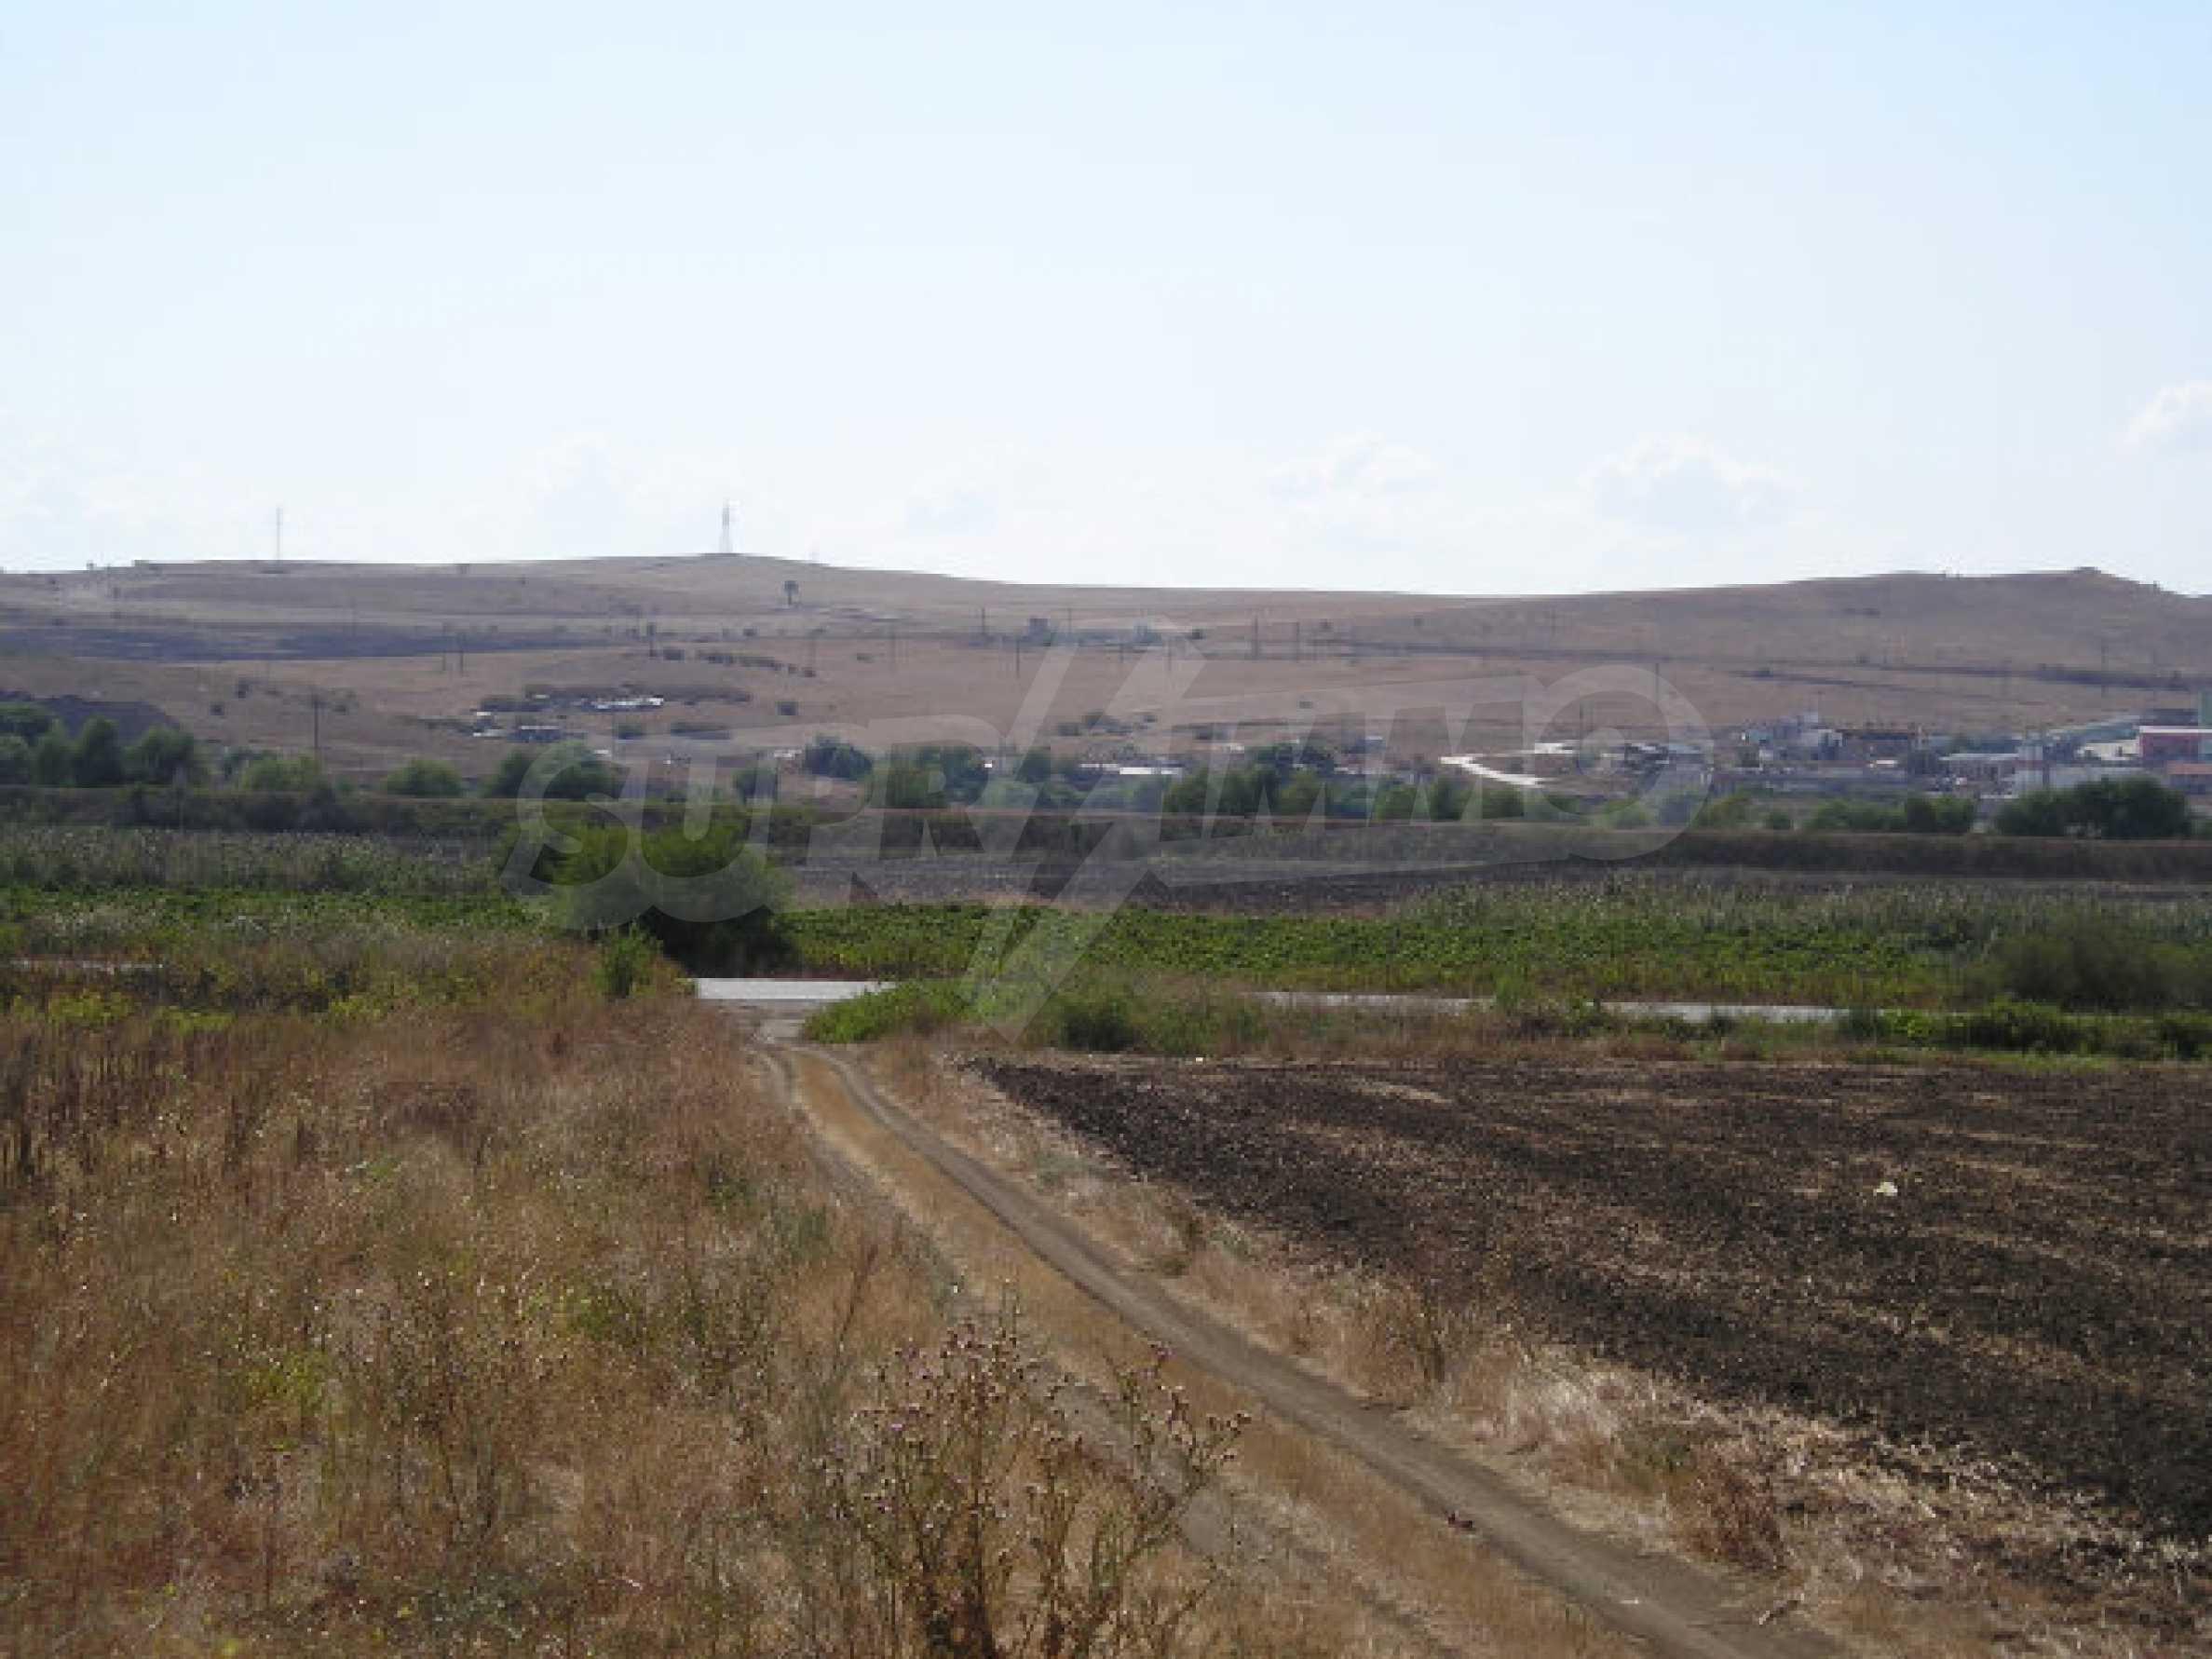 Bauland zum Verkauf in der Nähe von Sonnenstrand 9